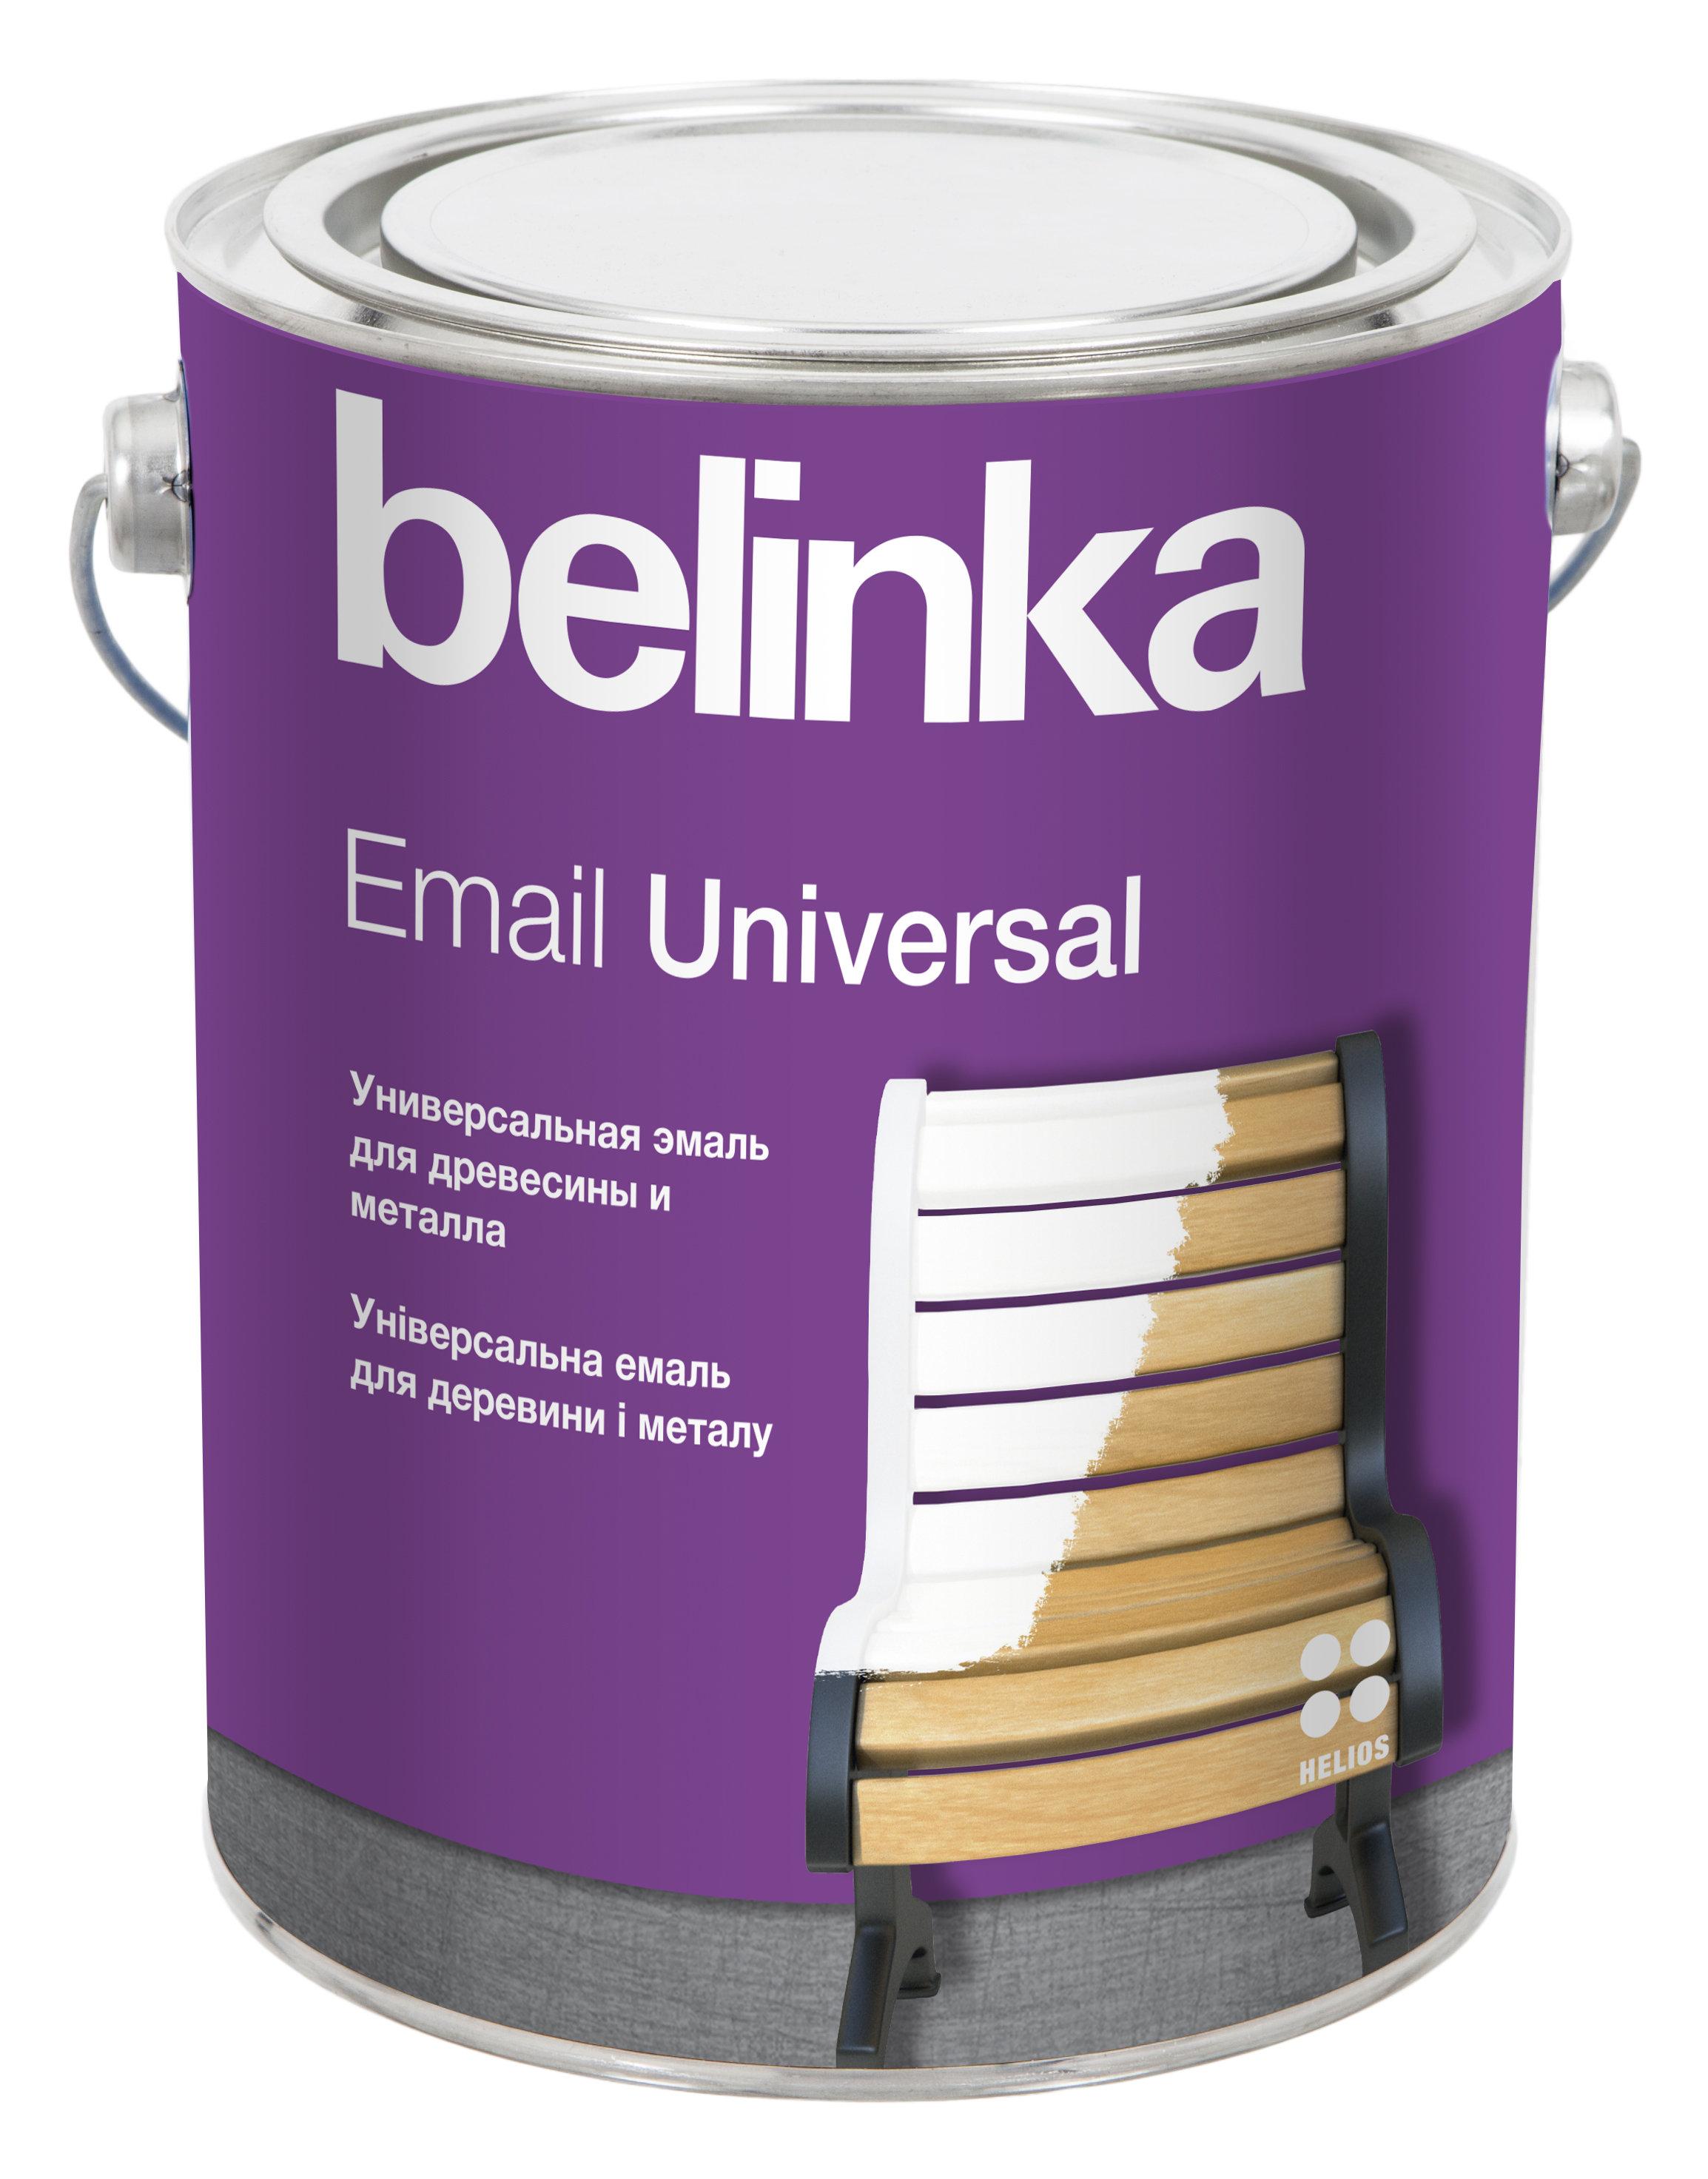 Belinka Email Universal B3 - эмаль для защиты и декора деревянных и металлических поверхностей в интерьере и экстерьере, 0.9 л., цвет Симфония